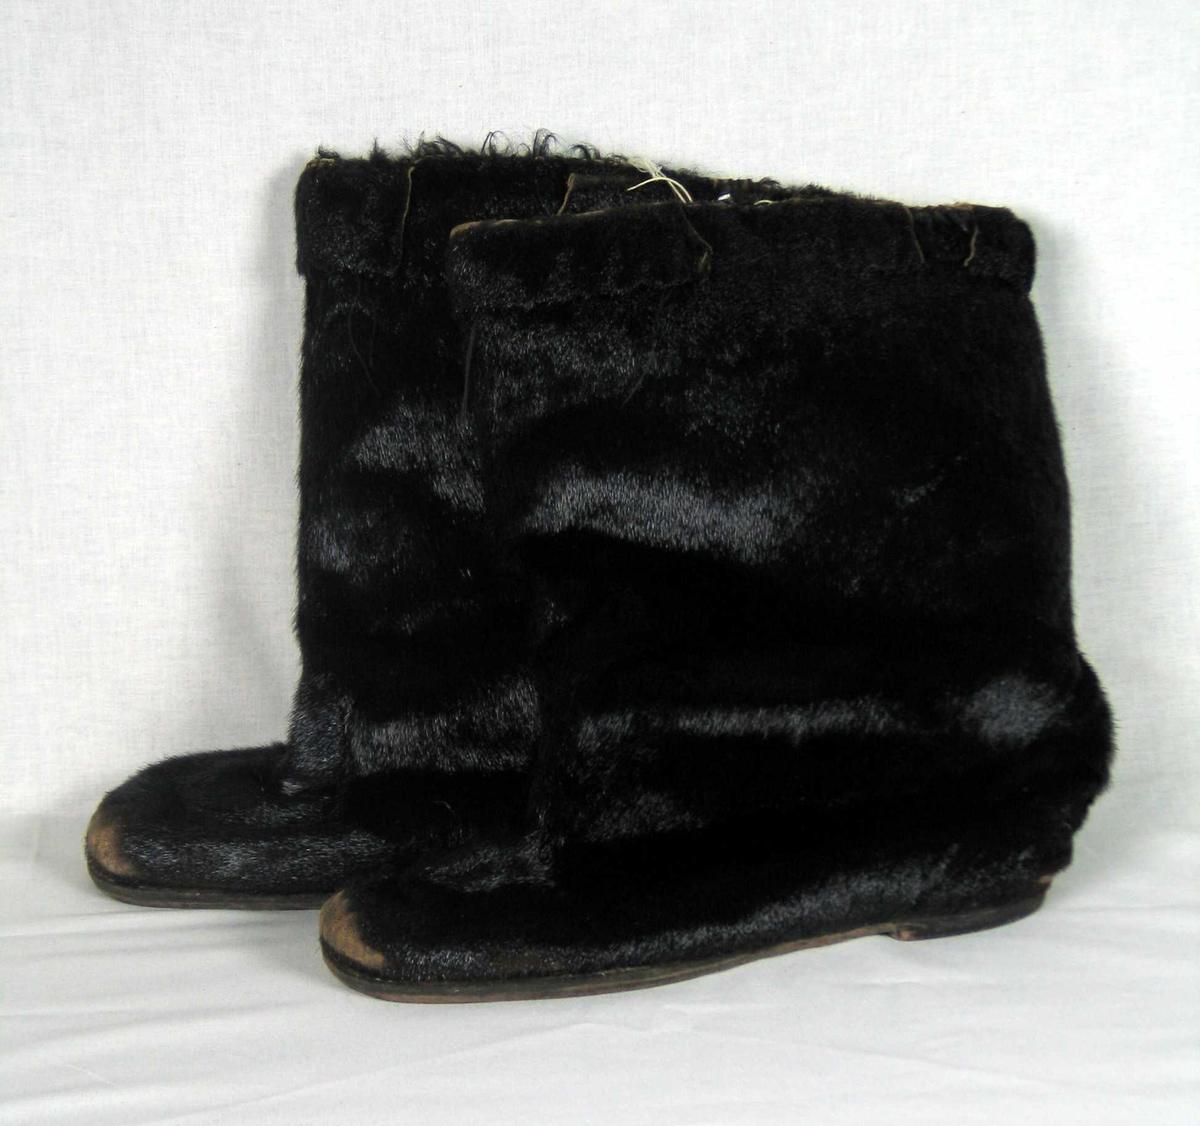 Støvler i pels, antatt av sel. Fôret med svart sauepels. Randsydd lærsåle. Lav pluget hæl, også stiftet.